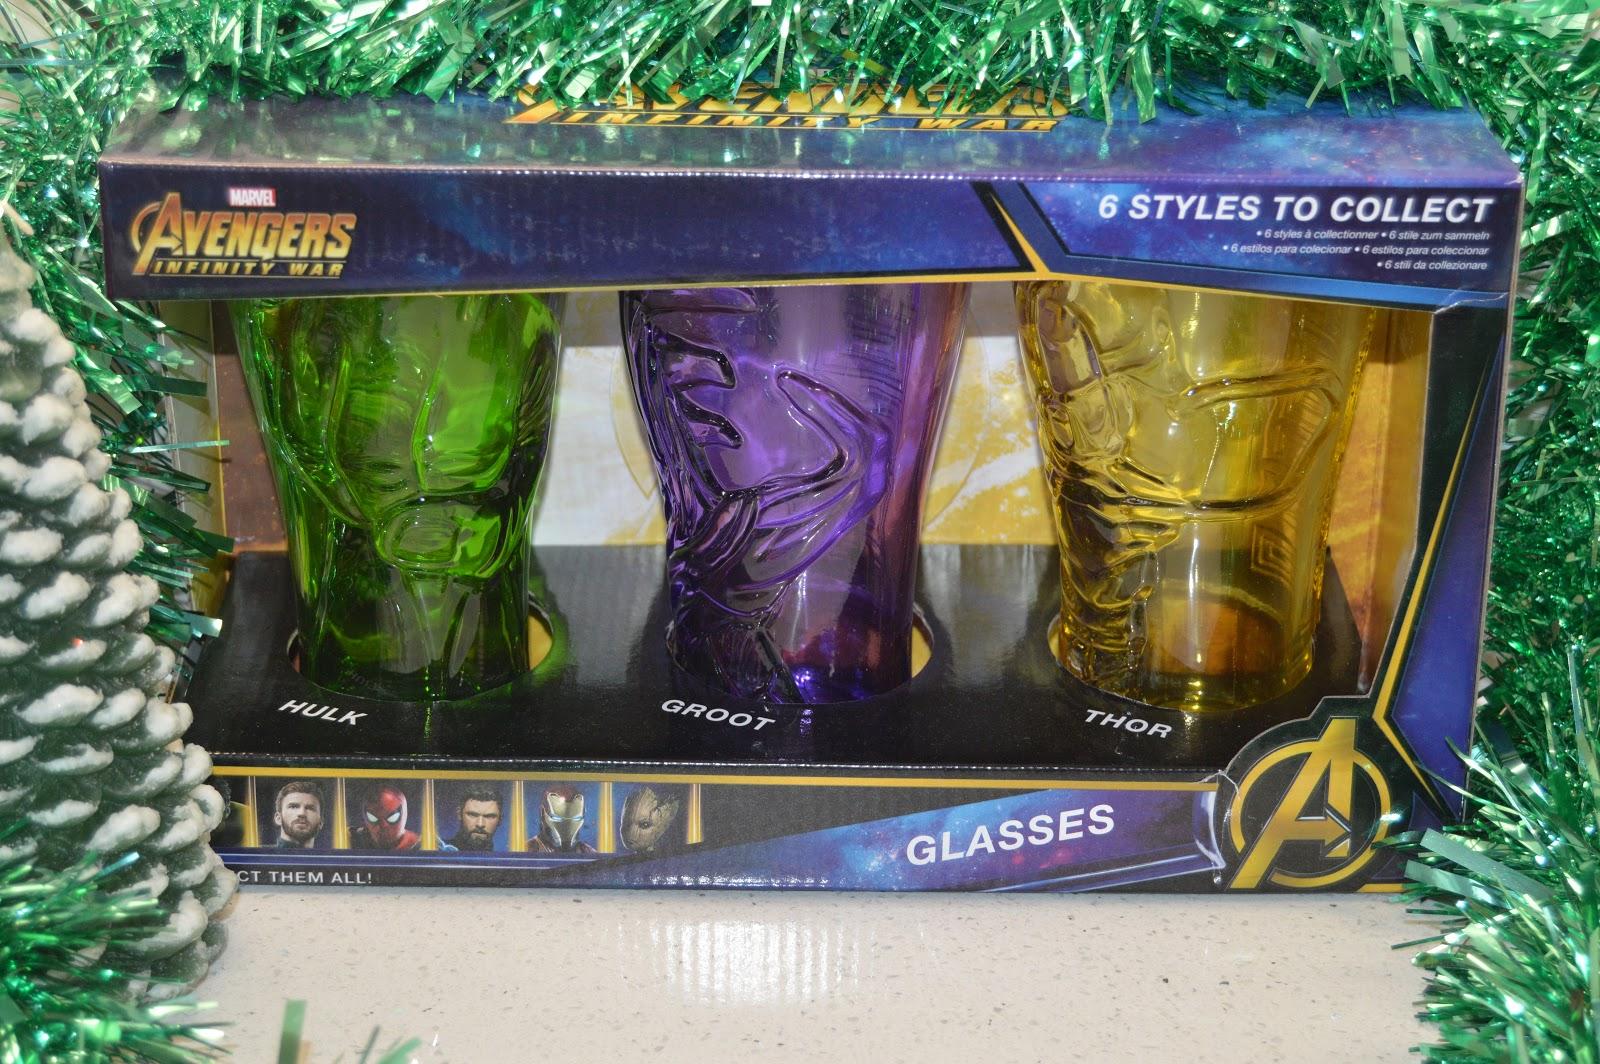 Avengers Infinity War glasses